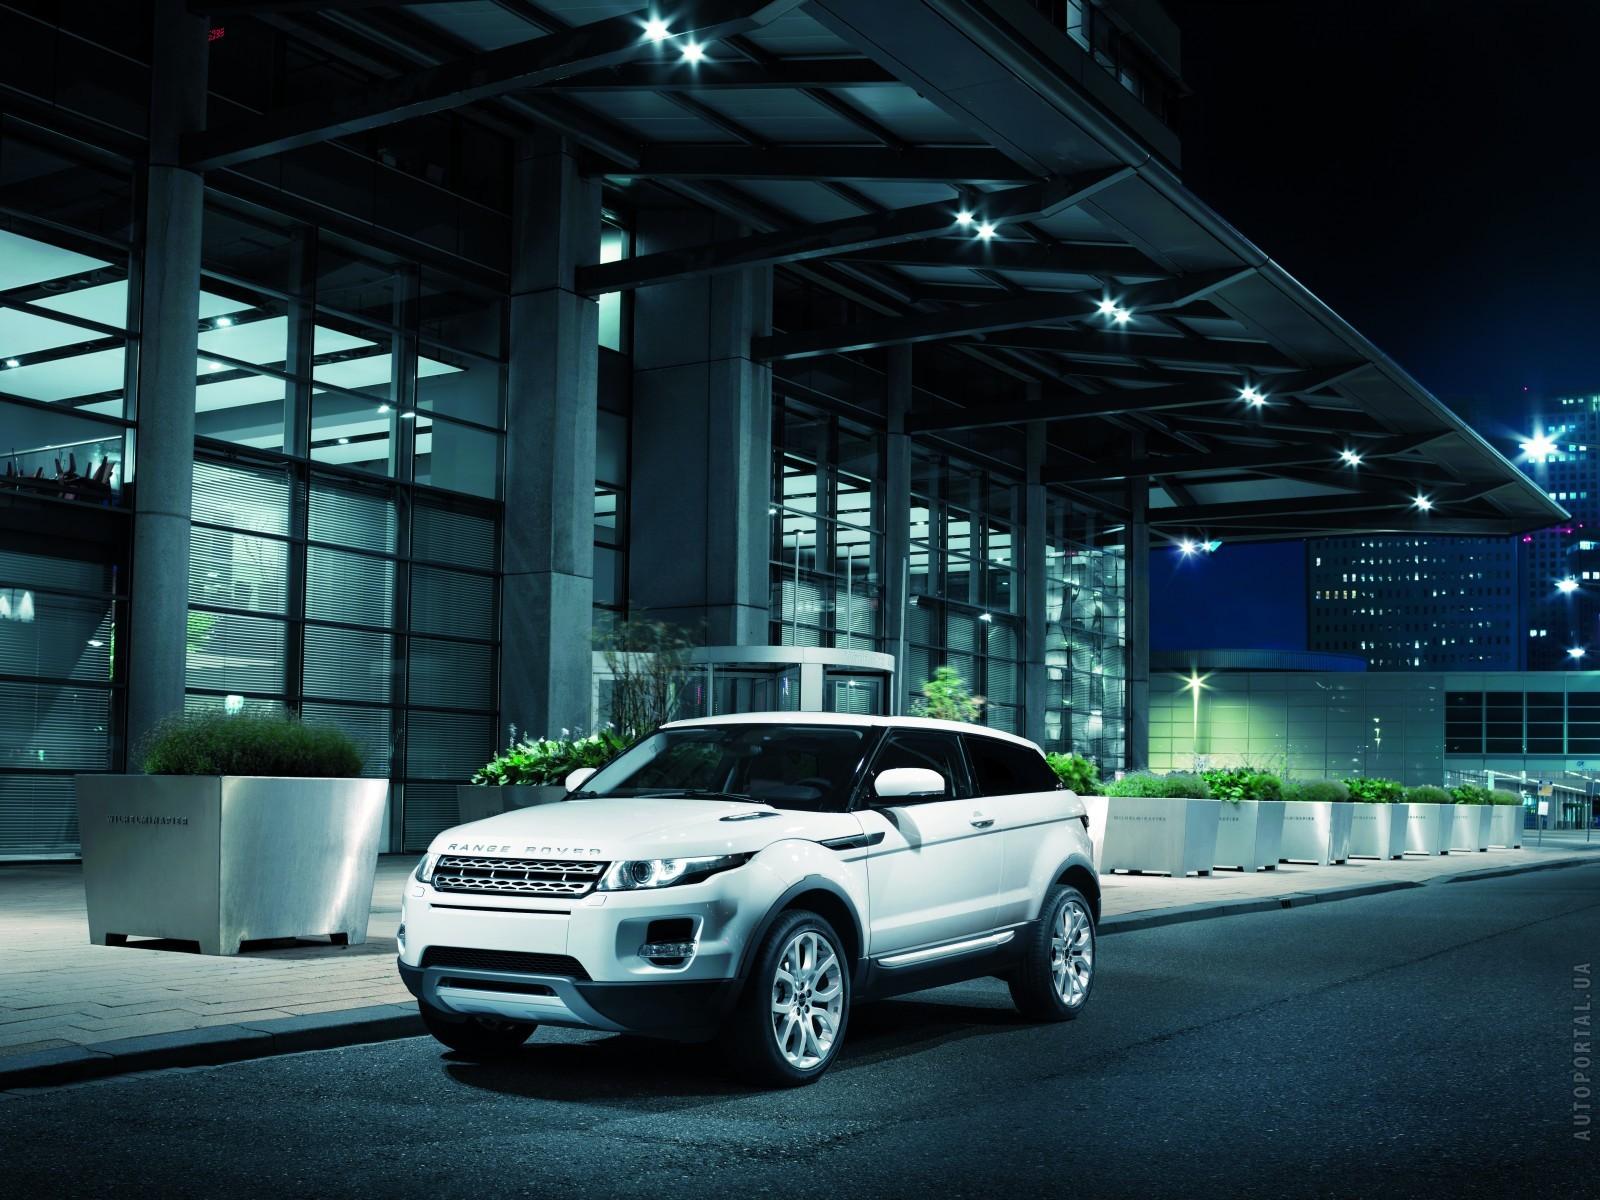 11665 скачать обои Транспорт, Машины, Рендж Ровер (Range Rover) - заставки и картинки бесплатно